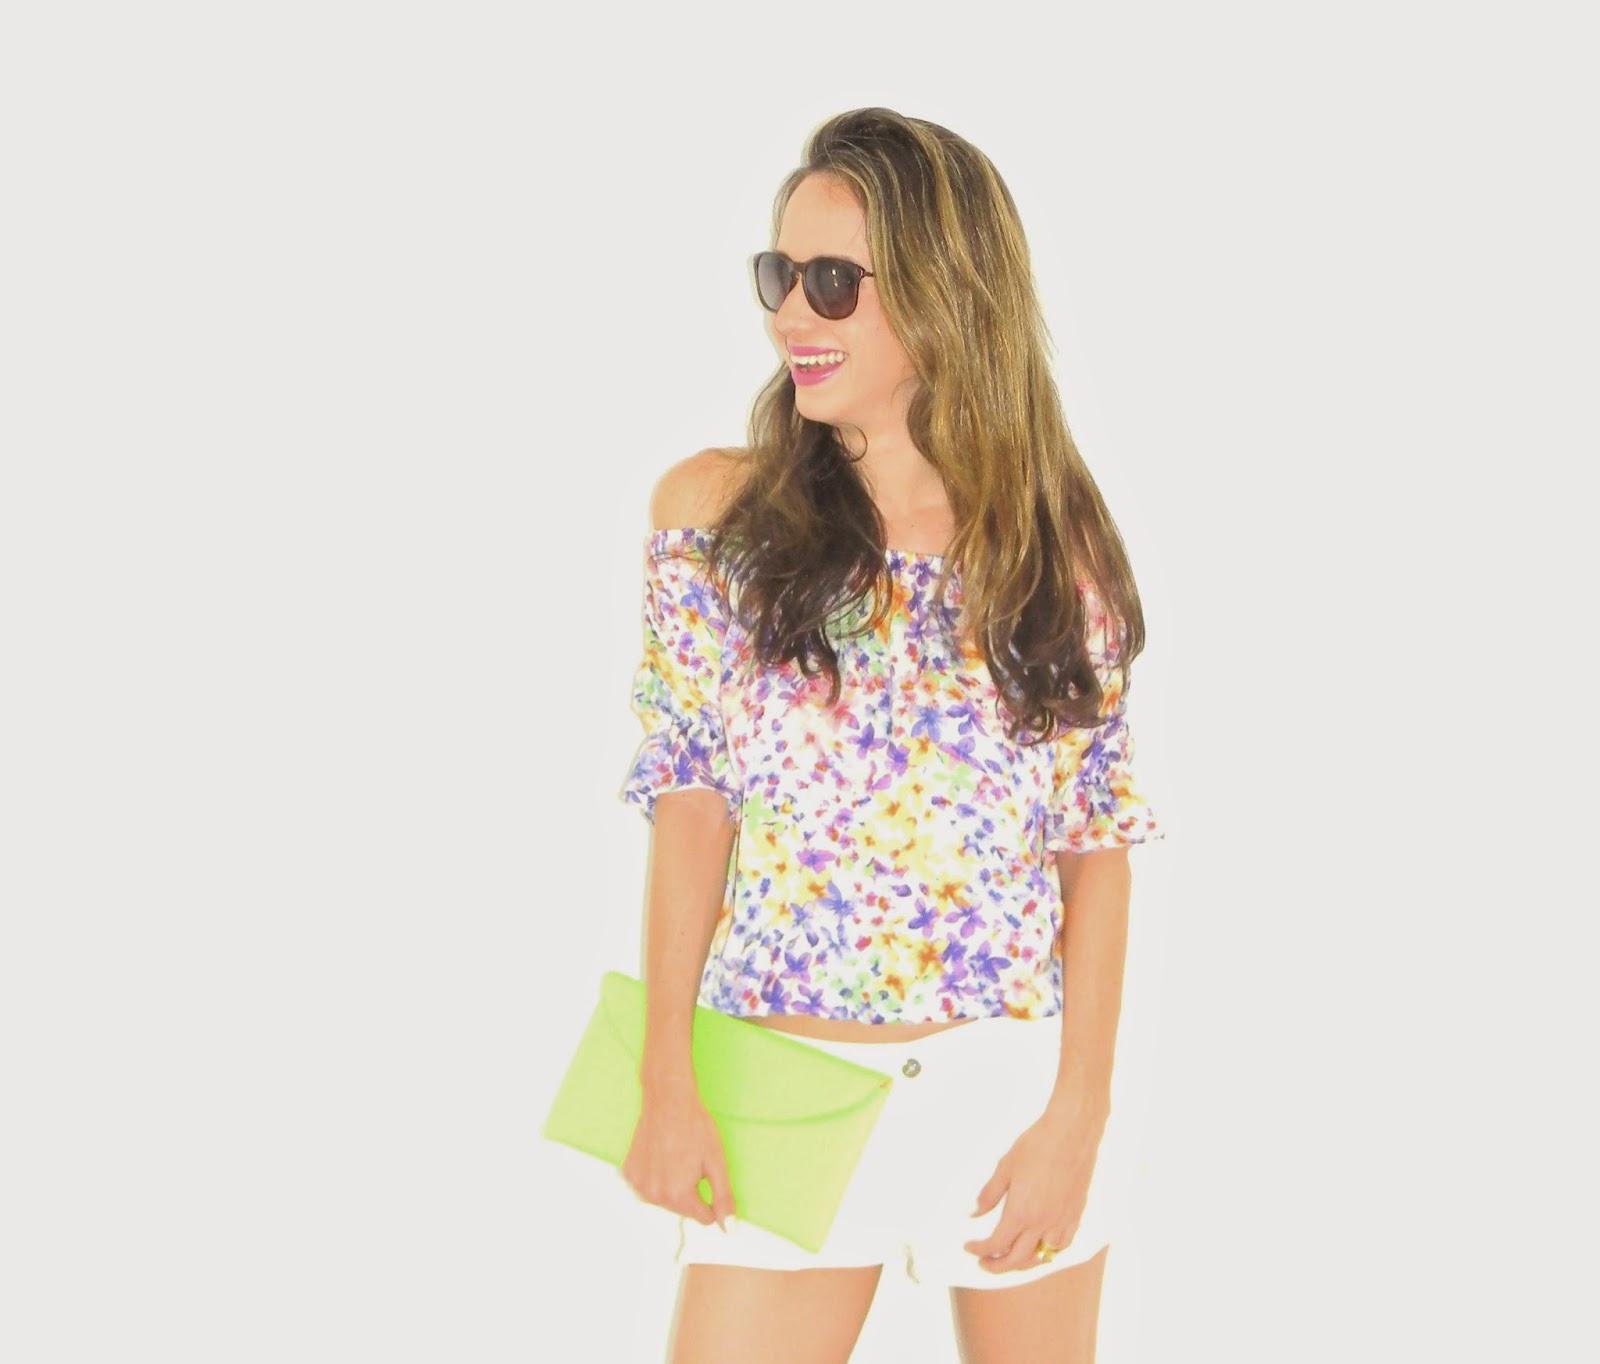 http://www.modaparamim.iluria.com/pd-15a131-blusinha-boho-com-estampa-floral.html?ct=&p=1&s=1